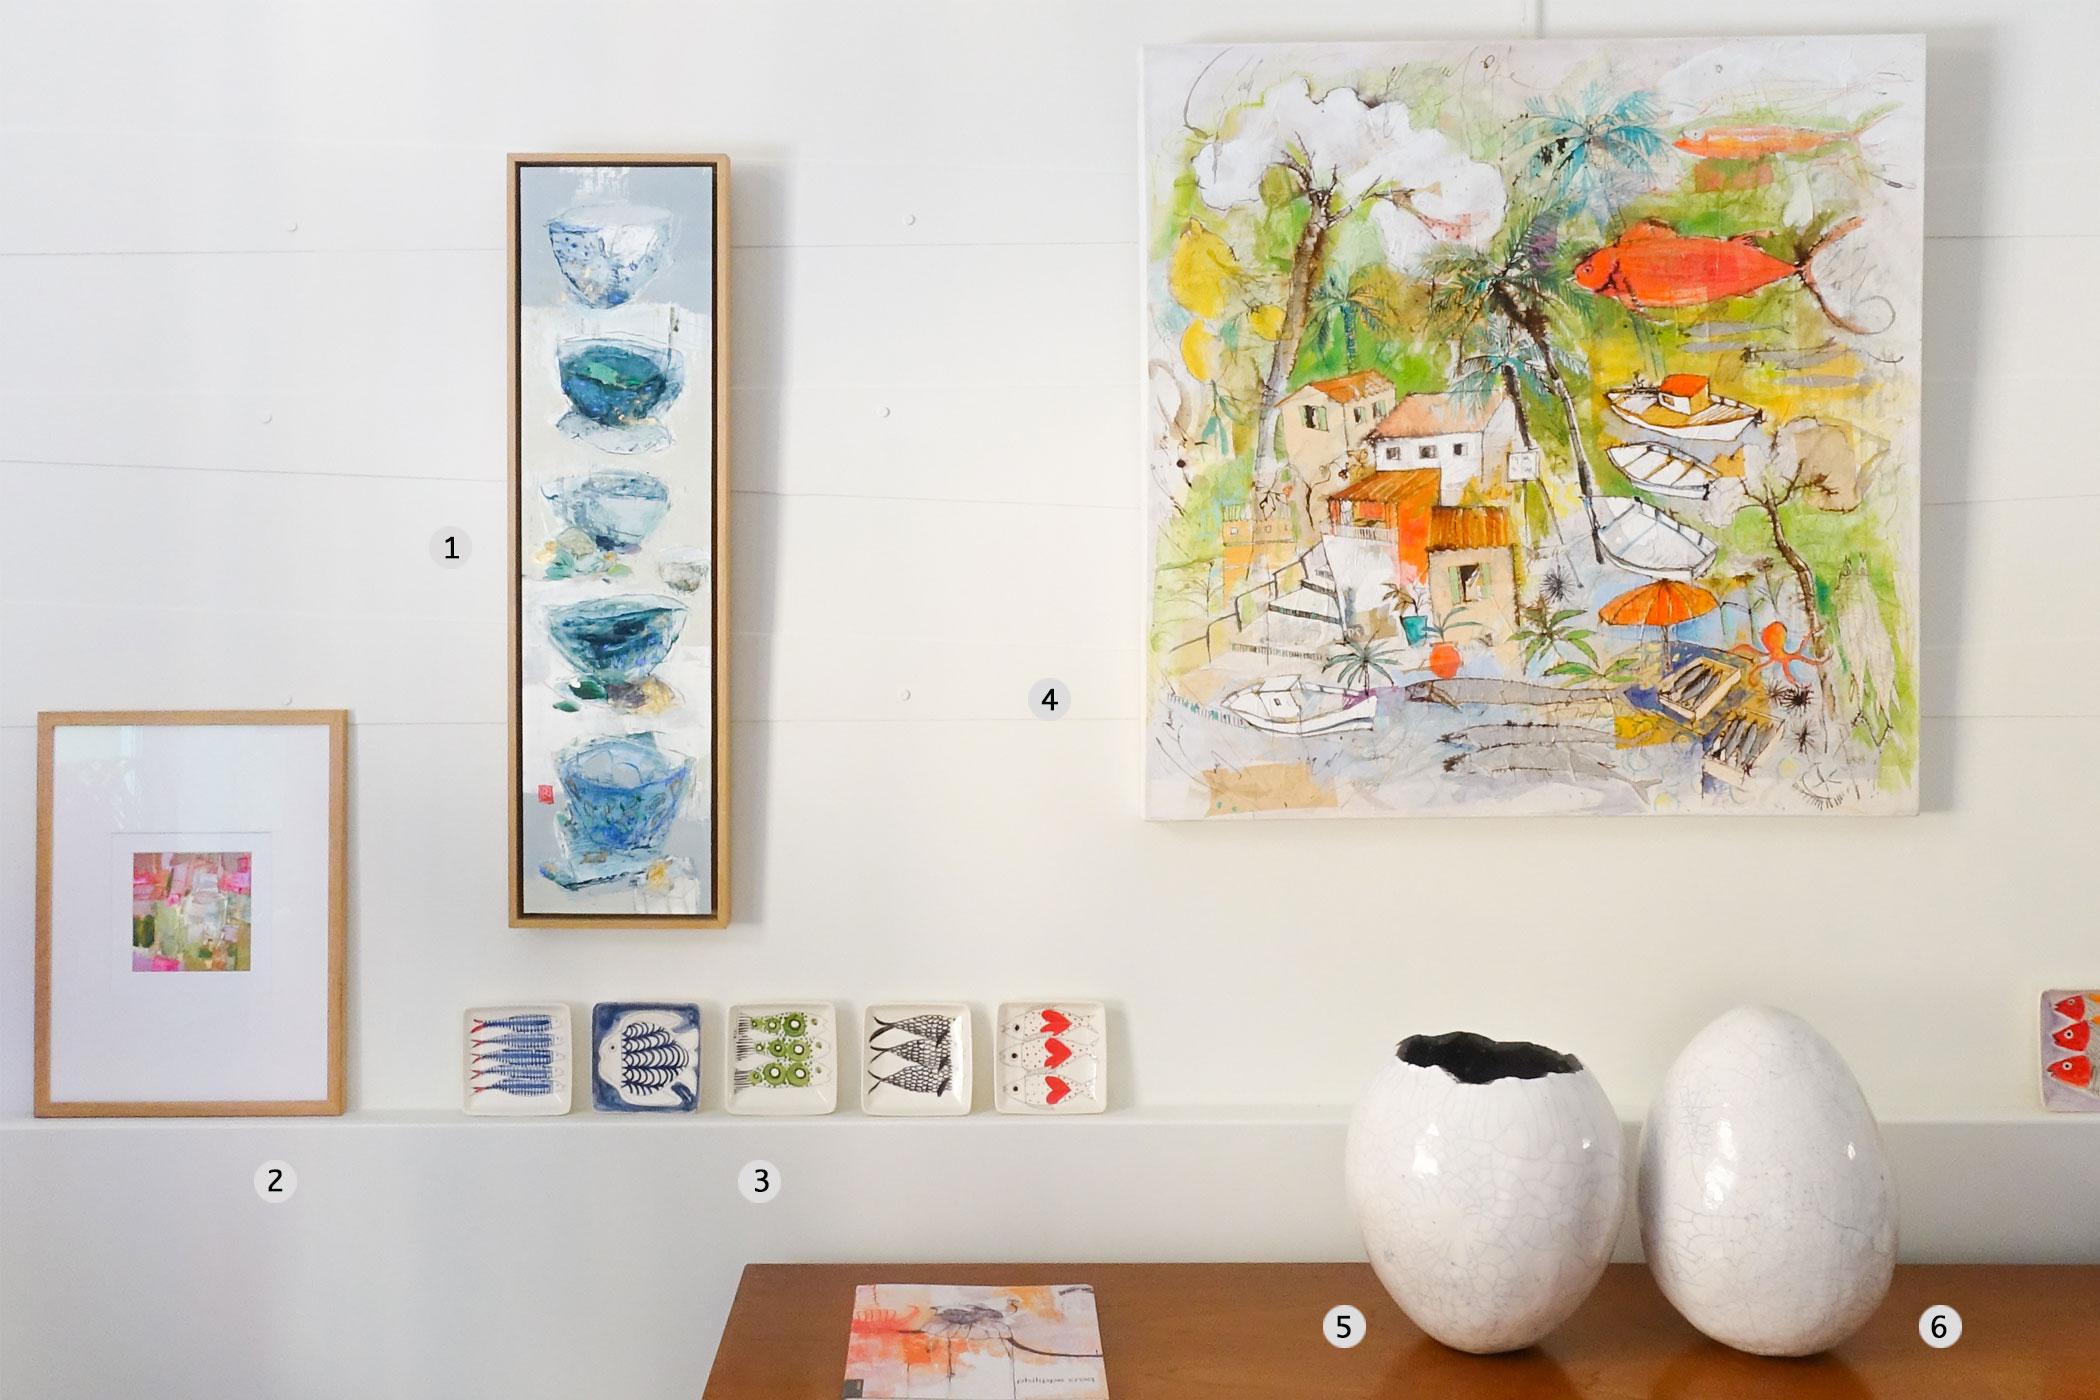 galerie d art contemporain - vue d ensemble